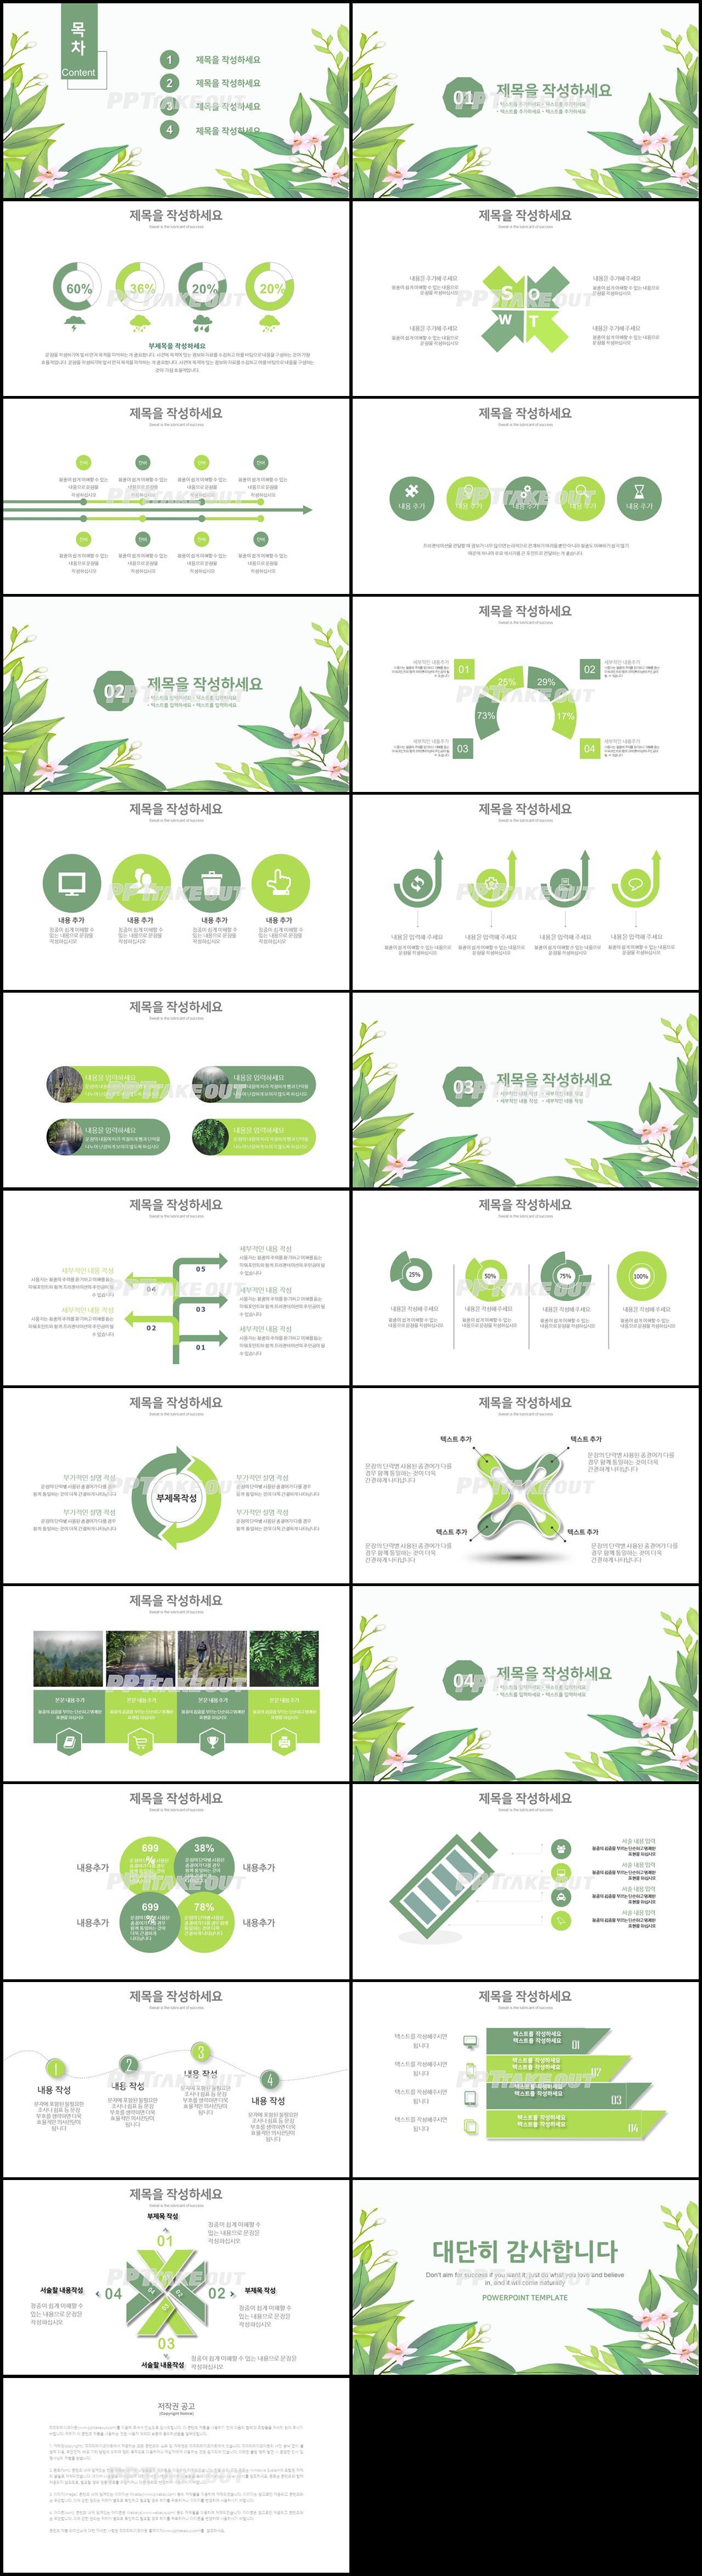 동식물, 애완동물 녹색 잉크느낌 다양한 주제에 어울리는 파워포인트배경 디자인 상세보기